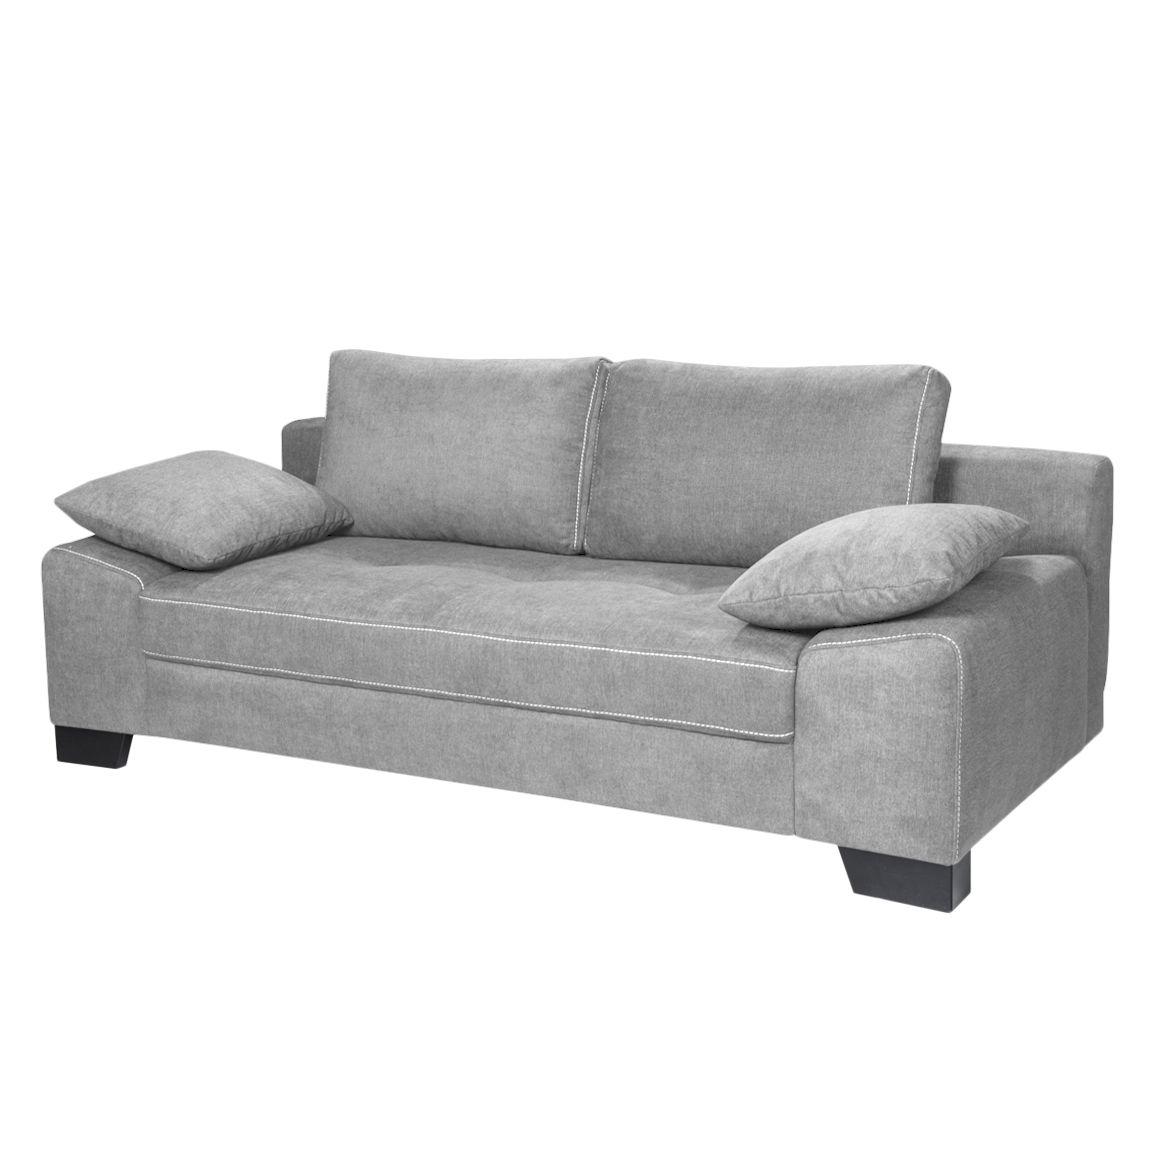 26 sparen boxspring schlafsofa dawson von fredriks nur 699 99 cherry m bel home24. Black Bedroom Furniture Sets. Home Design Ideas